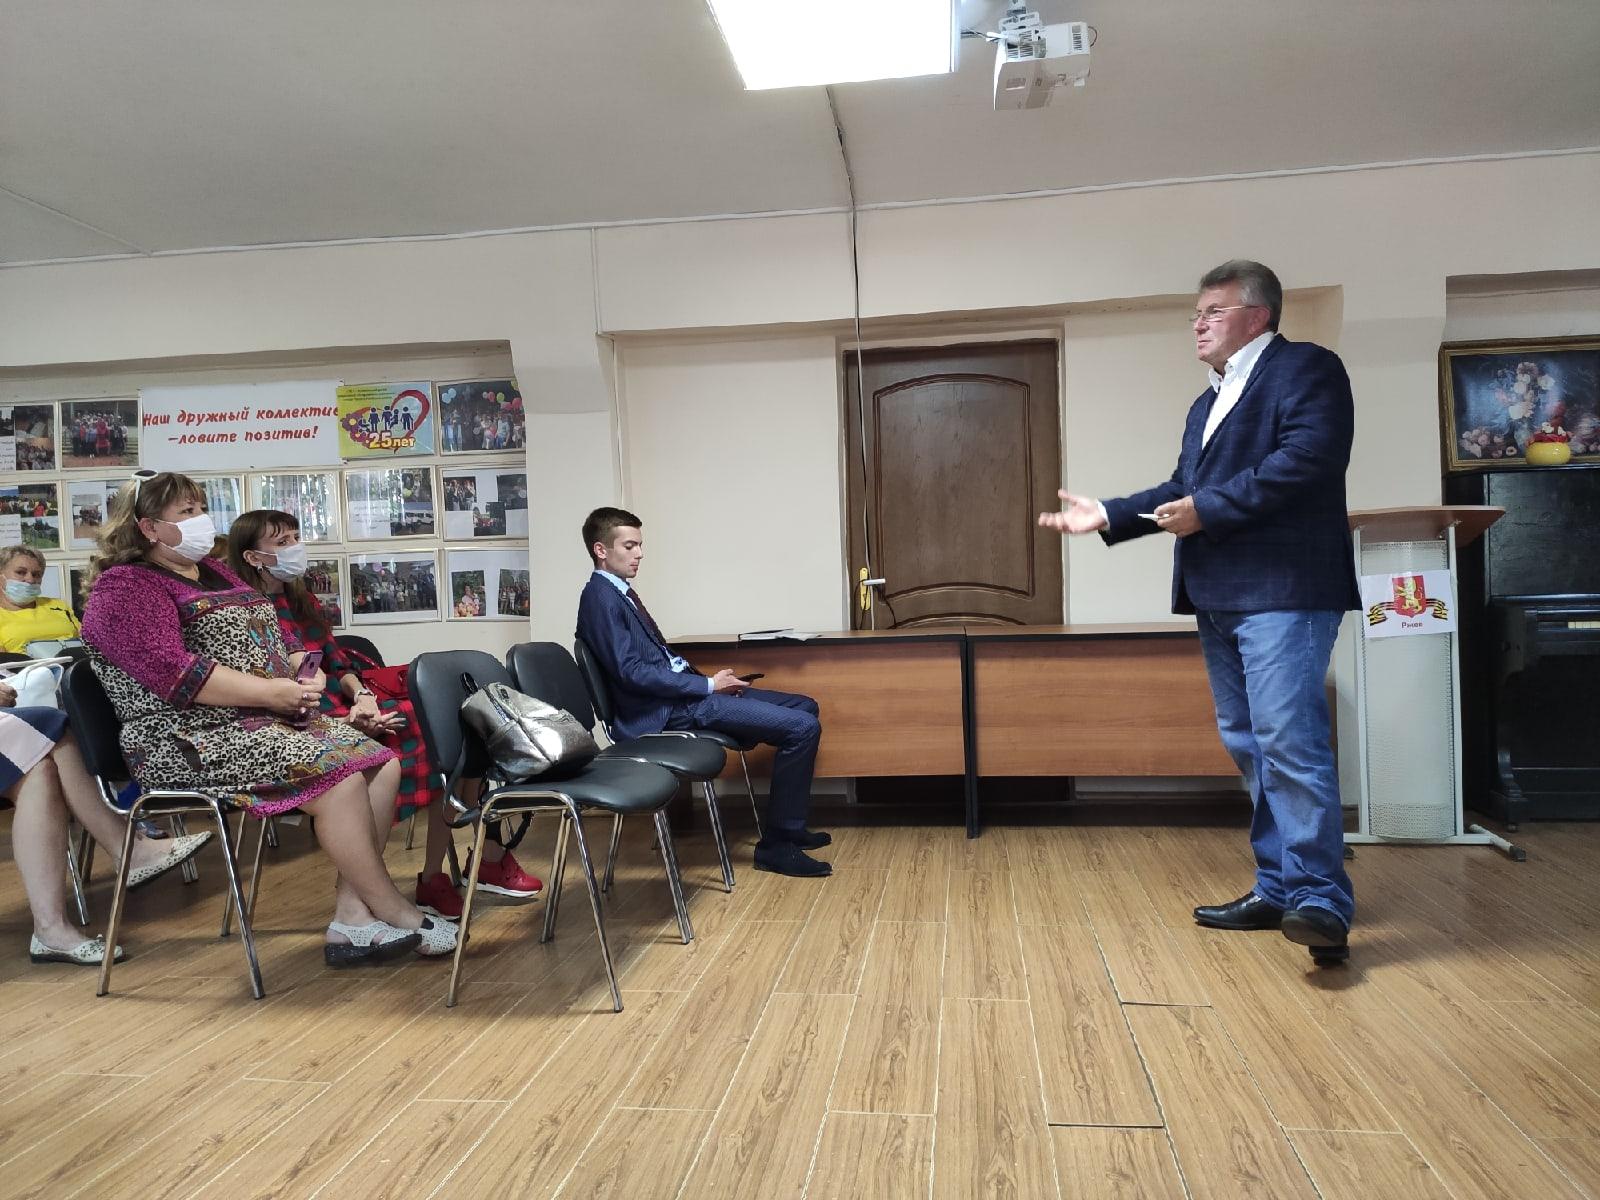 «Вы - конструкторы будущего»: Андрей Белоцерковский встретился со ржевскими педагогами